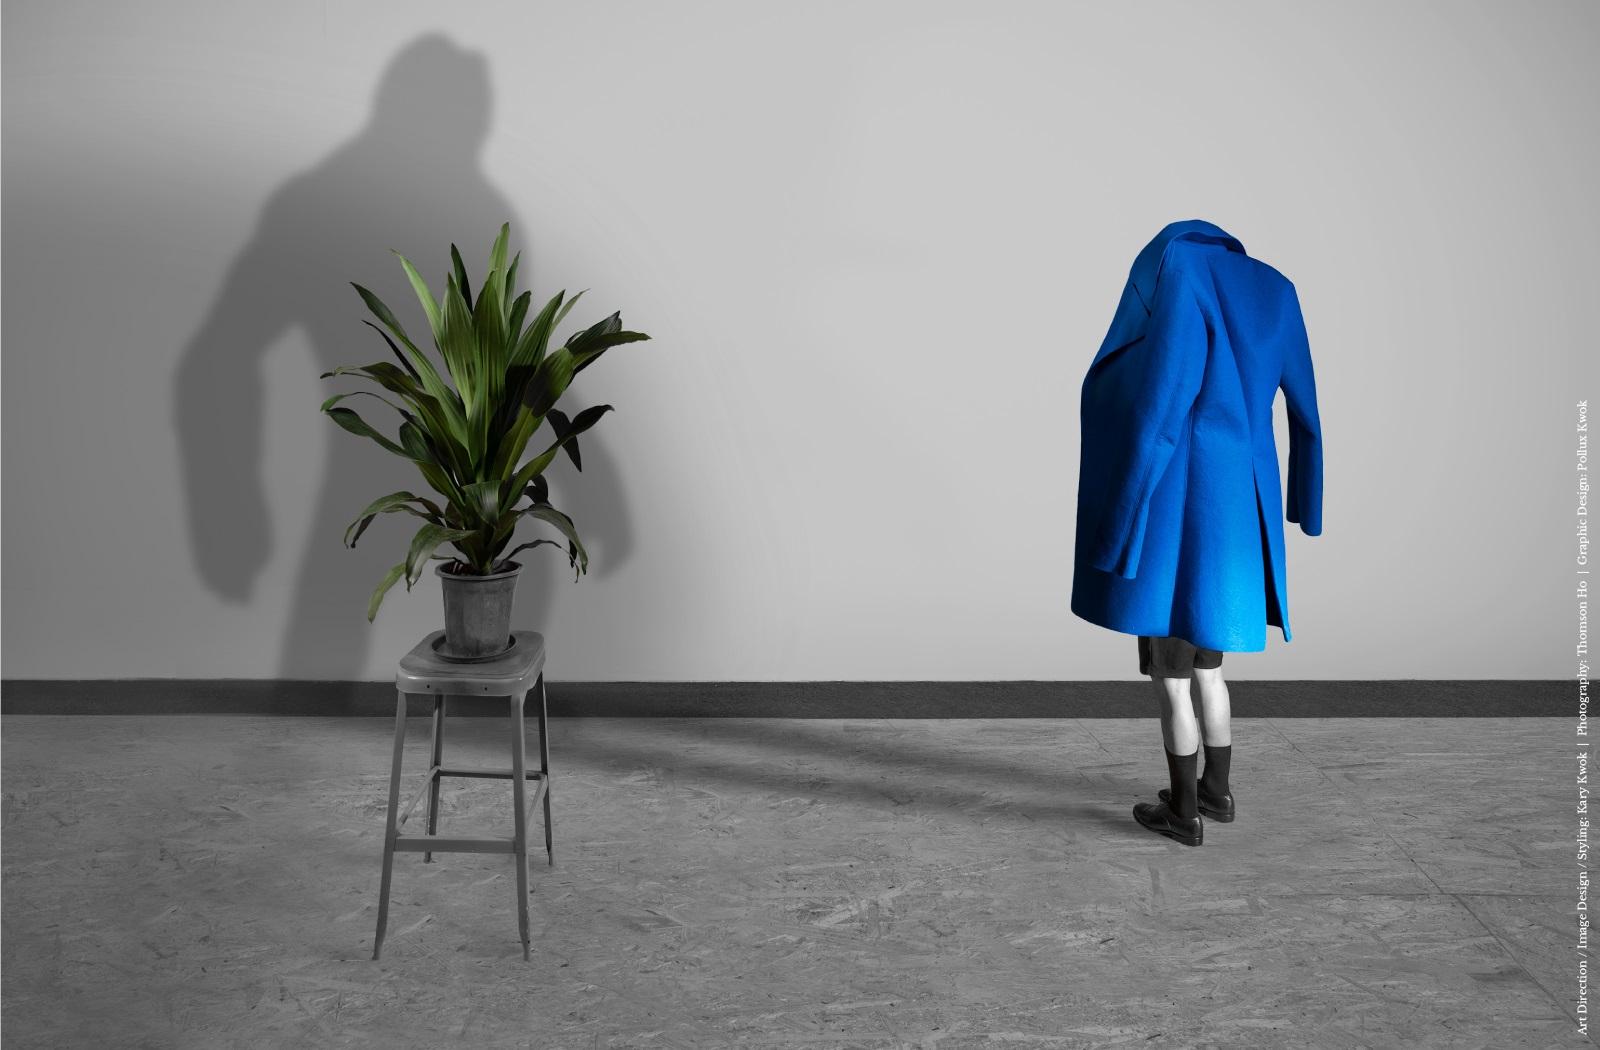 導演及編舞家林俊浩的體驗式劇場演出《告不可報》,取材自卡夫卡文學作品《致某科學院的報告》。故事講述被用作研究對象的猿人,接受人性化教育,在掙扎及演進過程中,尋找自己與自由。(政府新聞處)